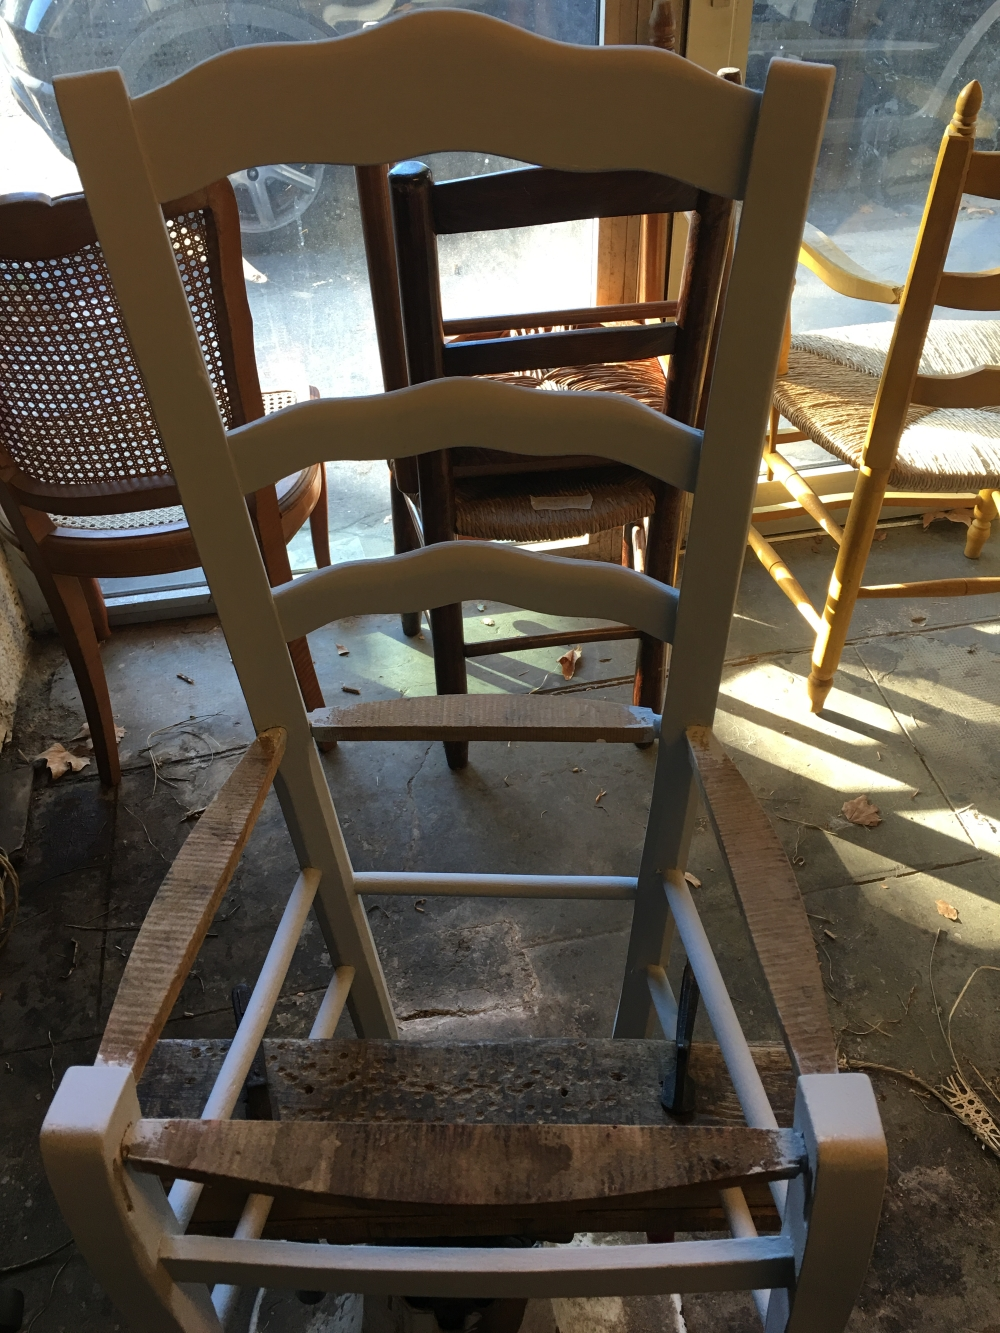 Rempaillage cannage de chaise a avignon vaucluse for Cannage de chaise